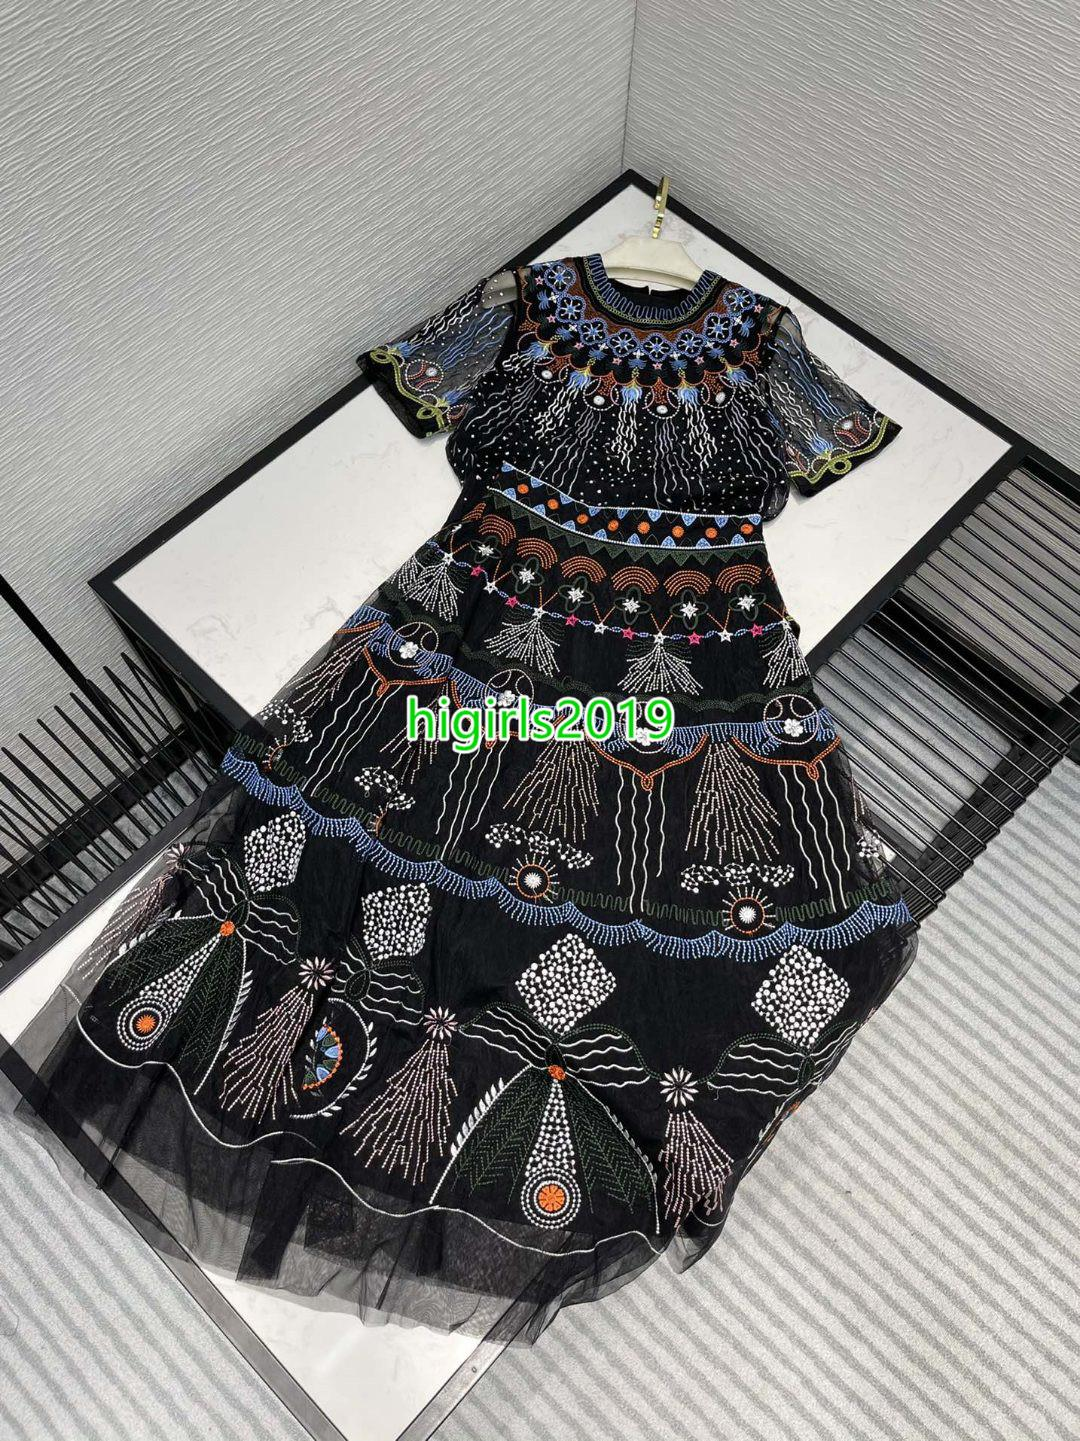 Mujeres Chicas Camiseta de manga corta Tulle Blusa de tul Camisetas con tops bordados florales Camiseta retro de la camiseta de alta cintura MIDI Falda de tul de dos piezas